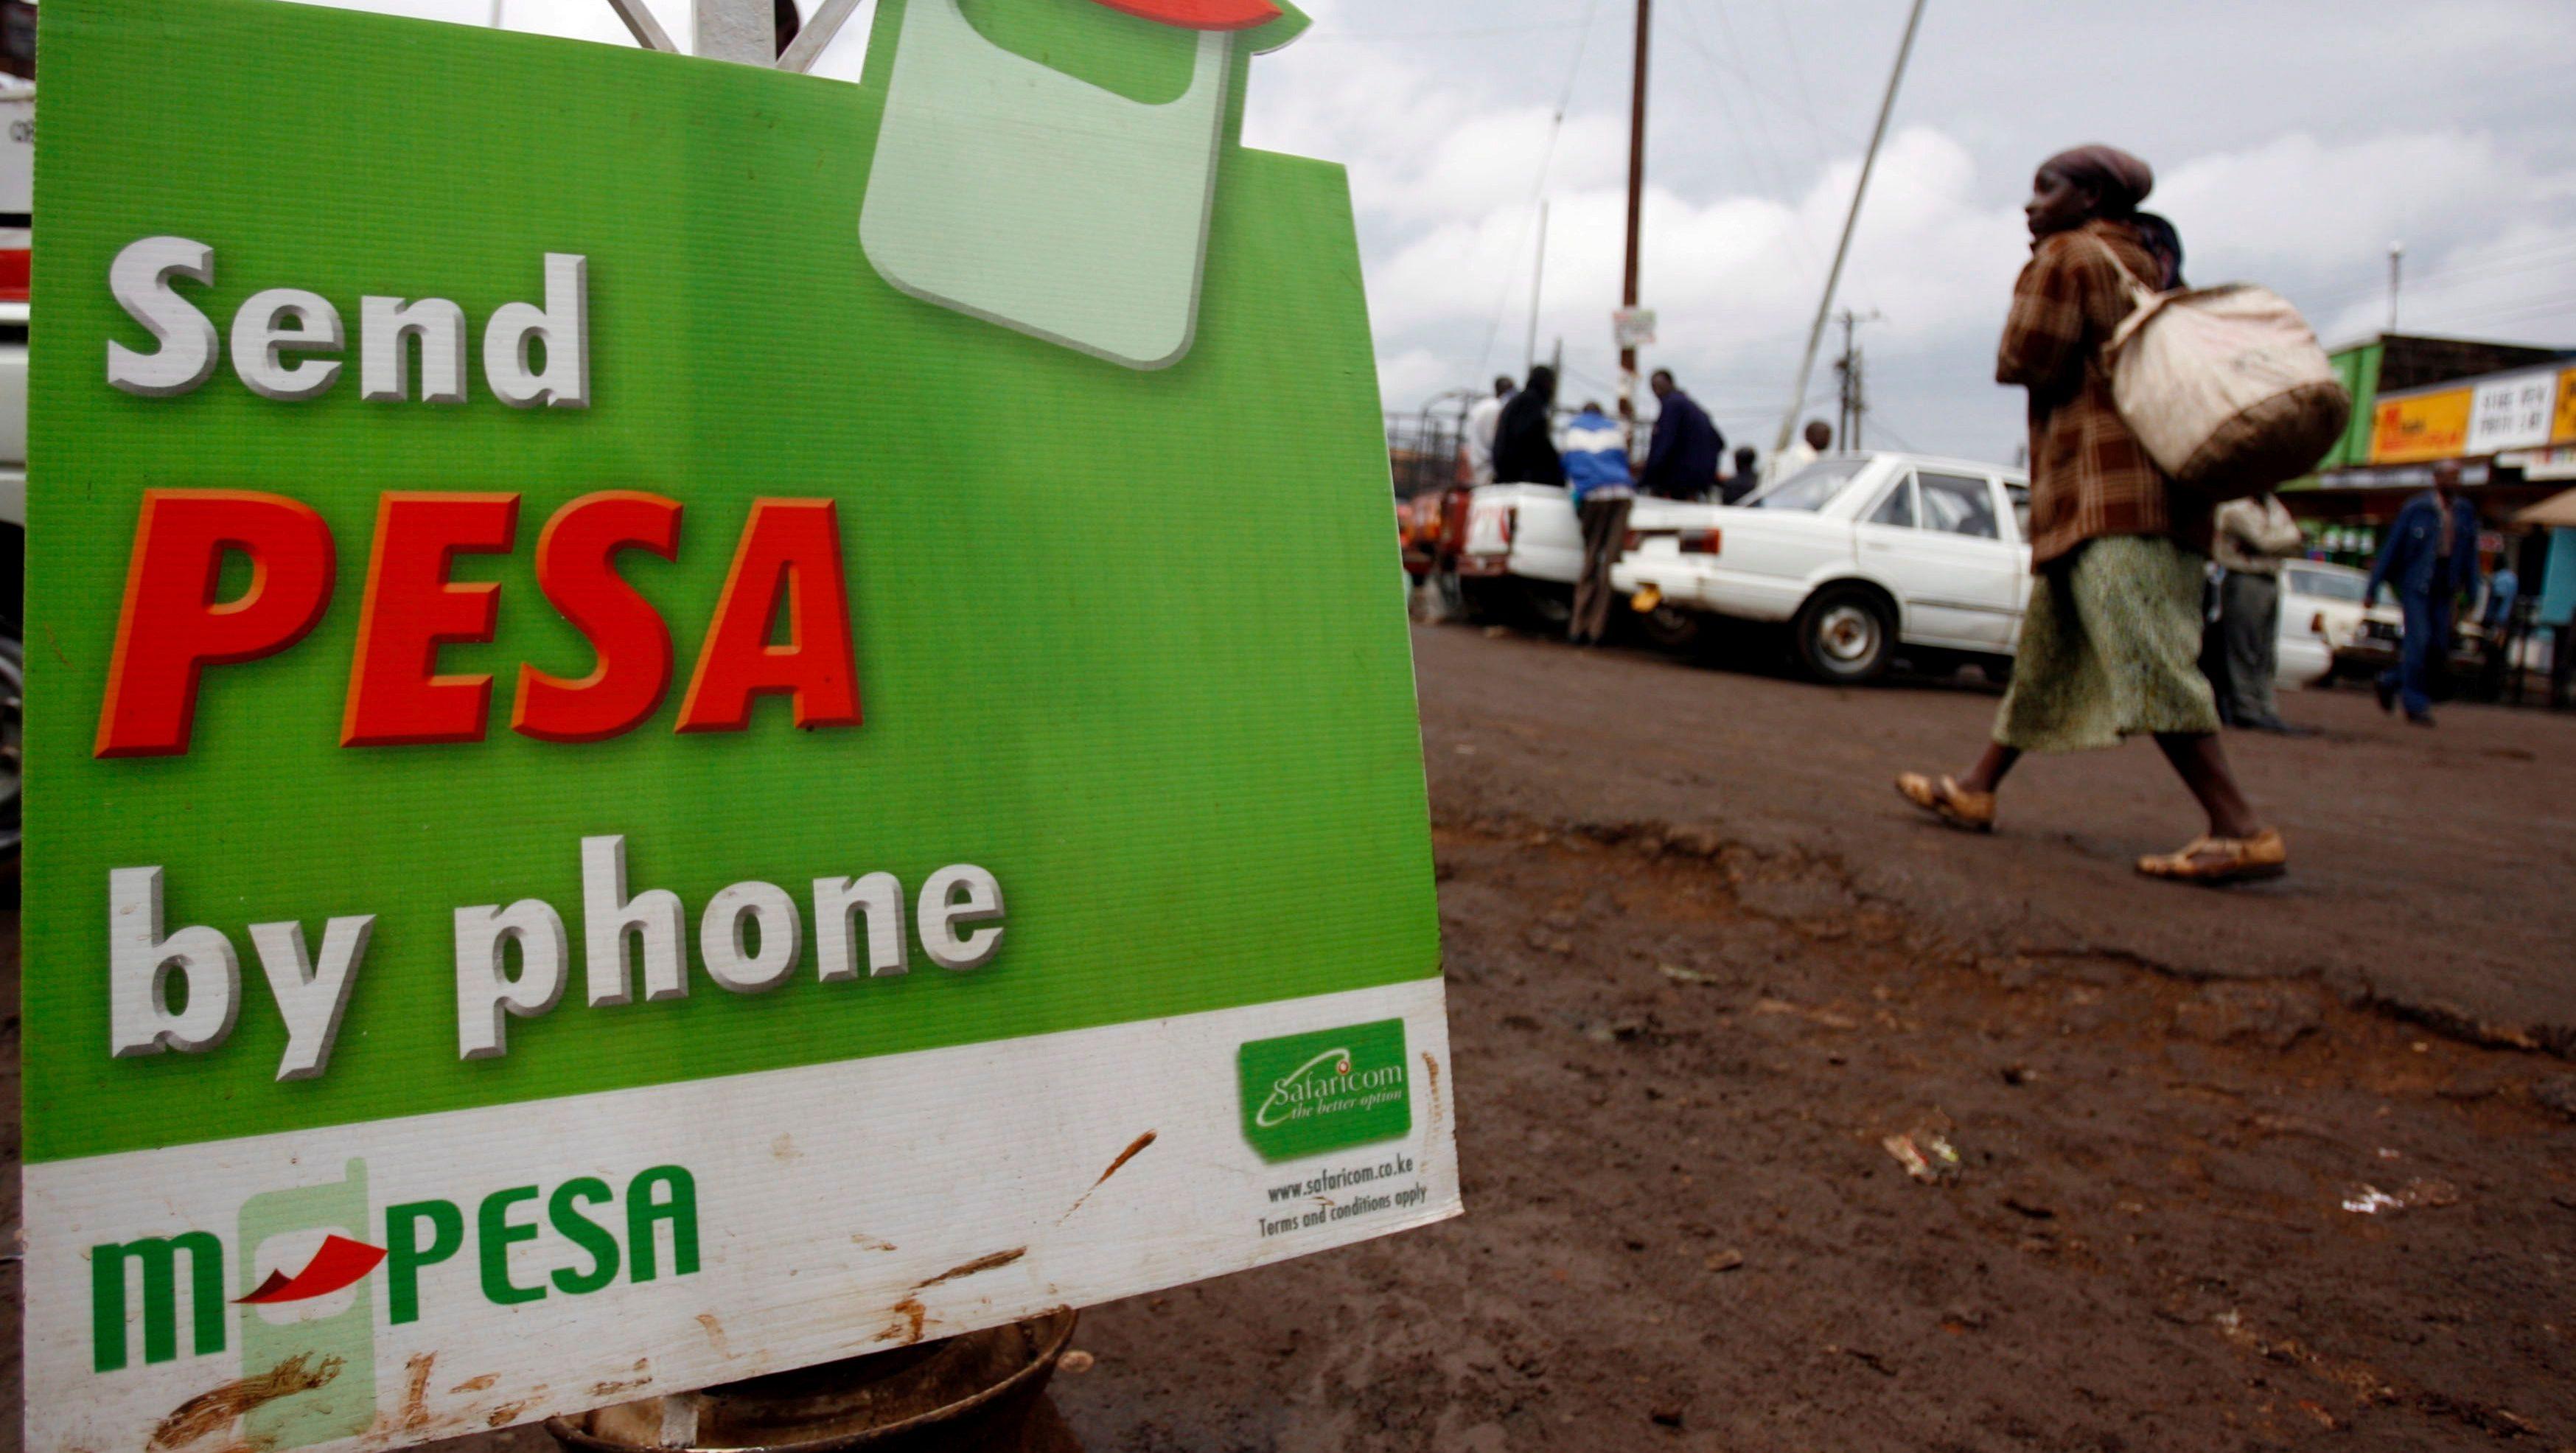 ethiopia to get m pesa mobile money from safaricom kenya quartz africa rh qz com Ethiopia Coffee Ethiopia Religion